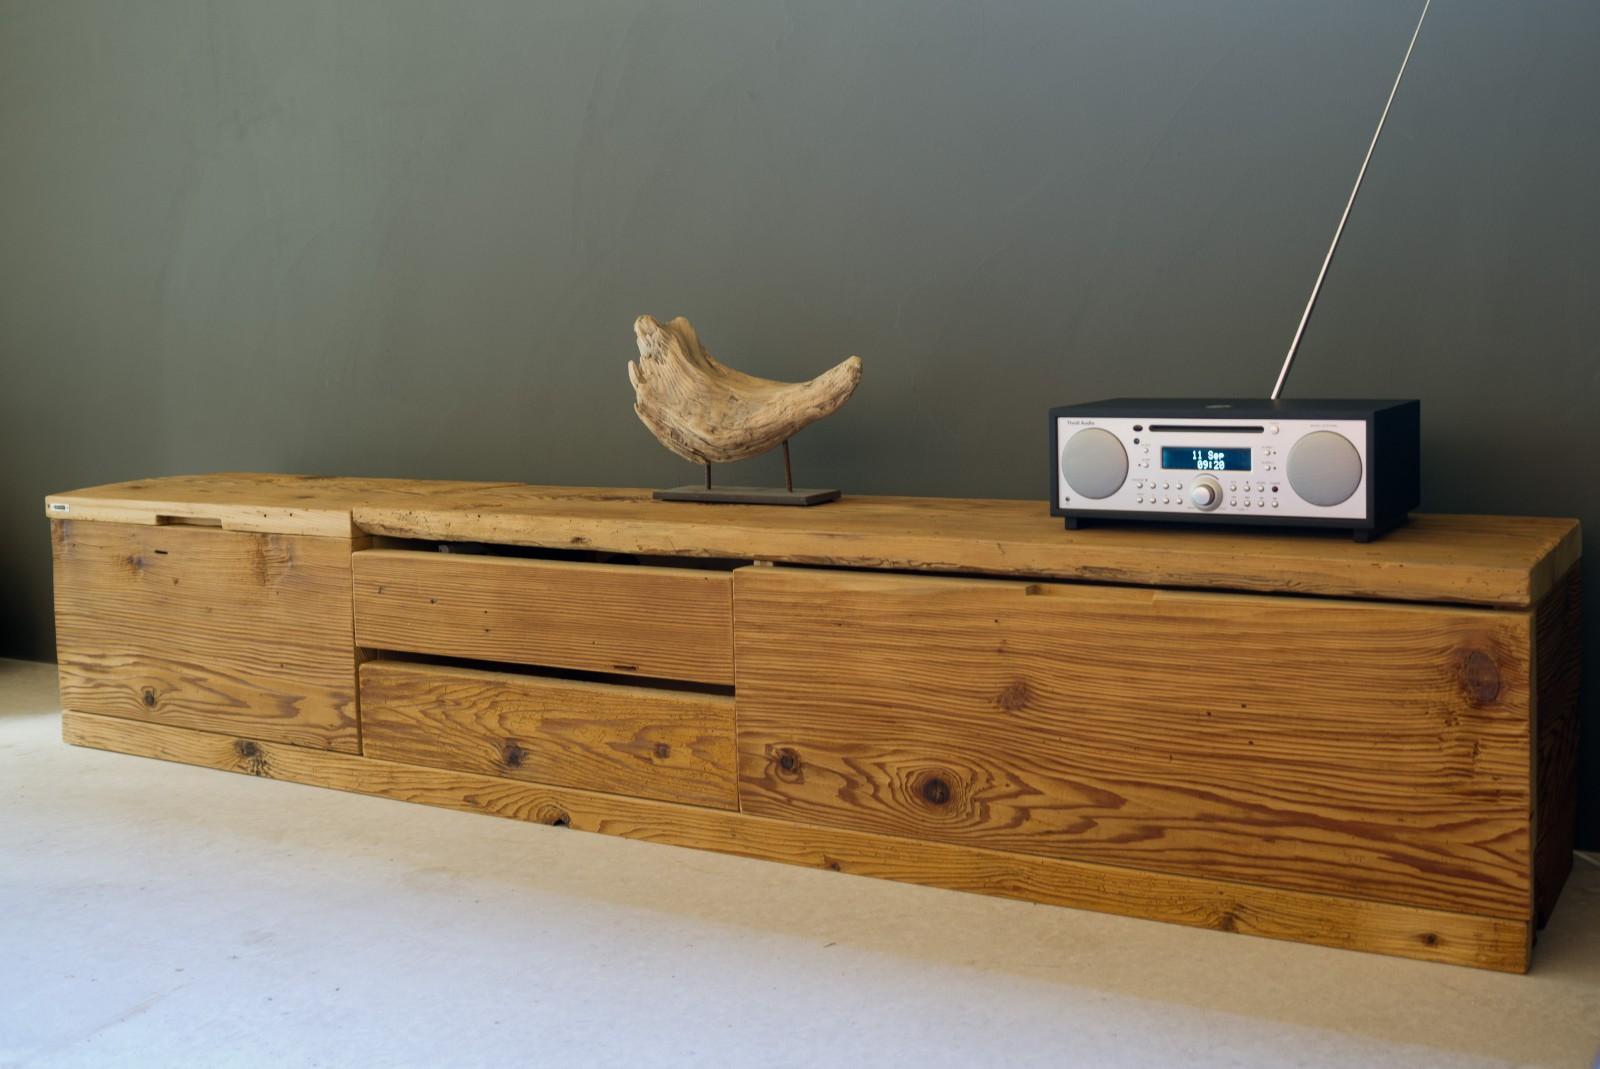 manum m bel aus altholz lowboard aus altholz. Black Bedroom Furniture Sets. Home Design Ideas